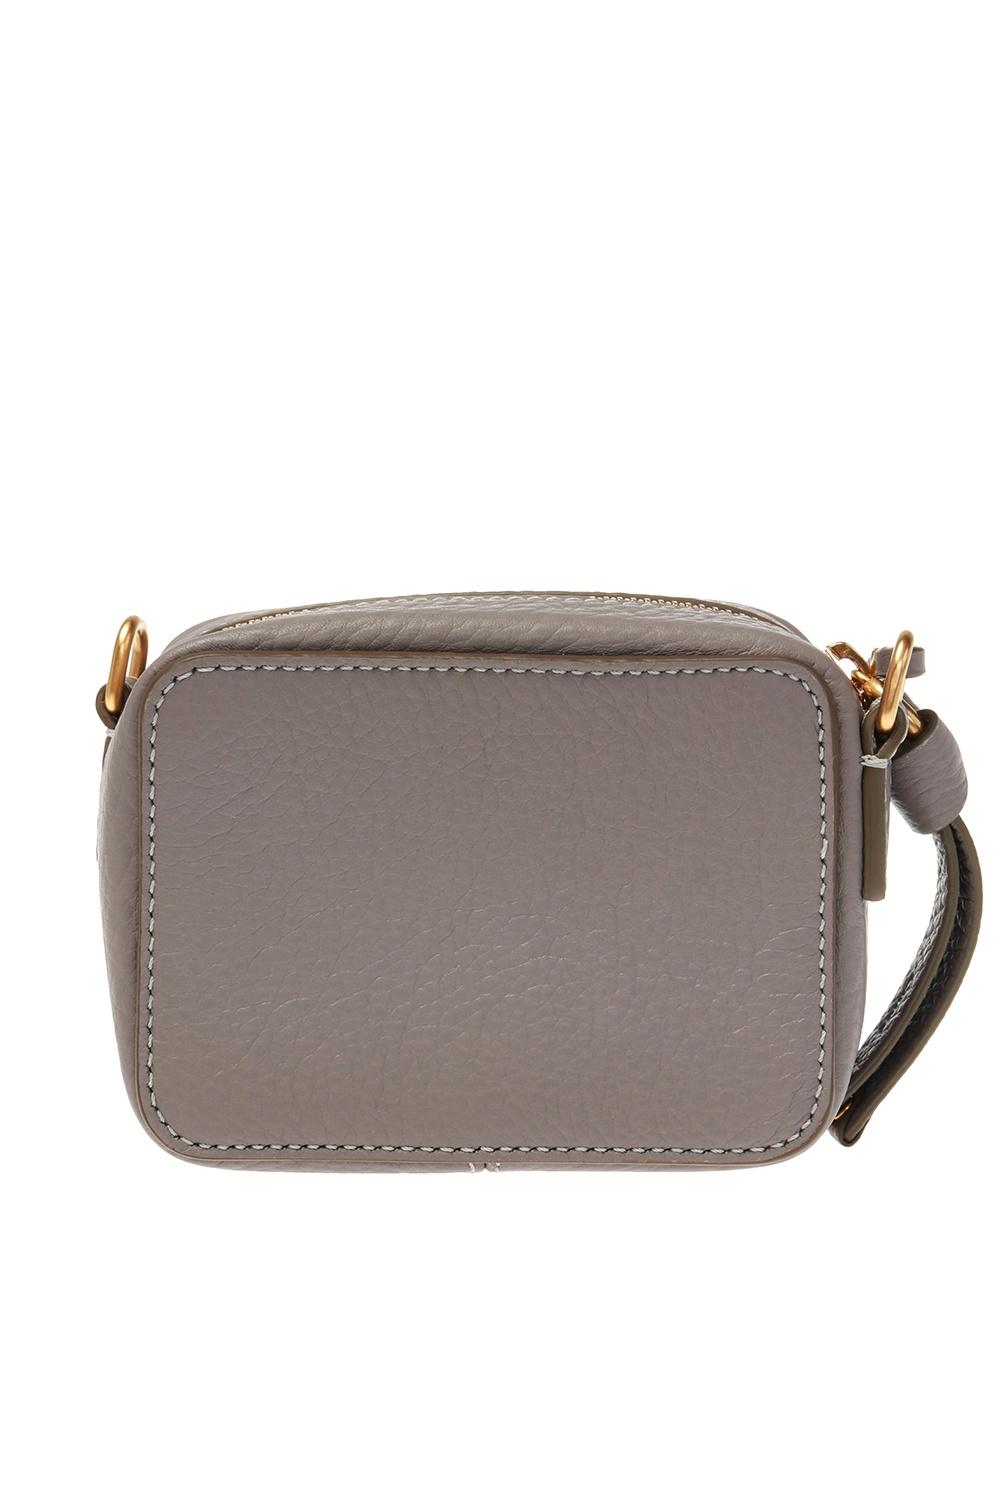 Chloé 'Marcie' Shoulder bag